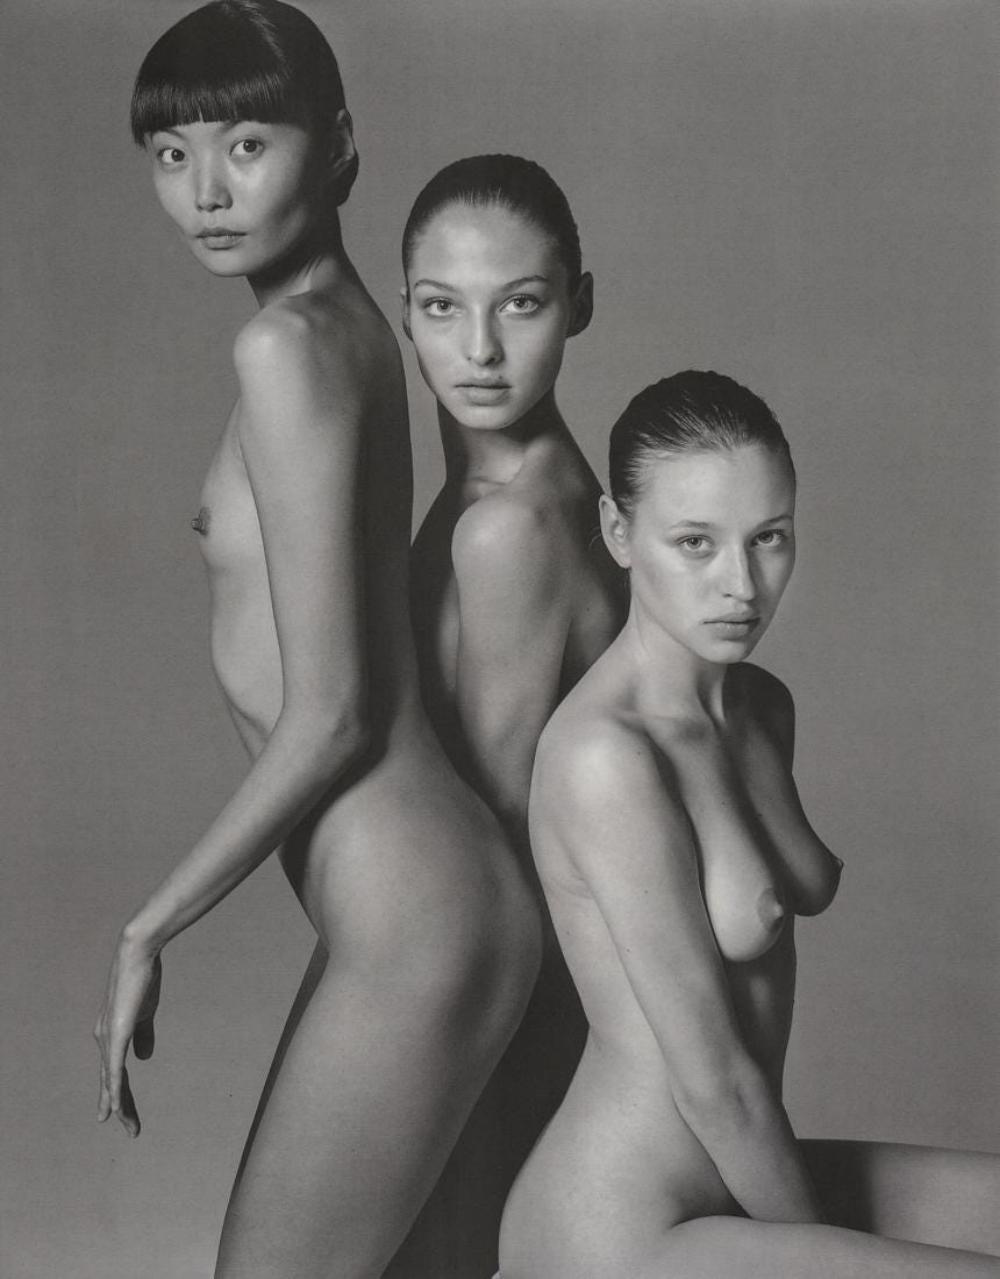 RICHARD AVEDON - KRISTINA, IRINA AND TATIANA Z., 1997